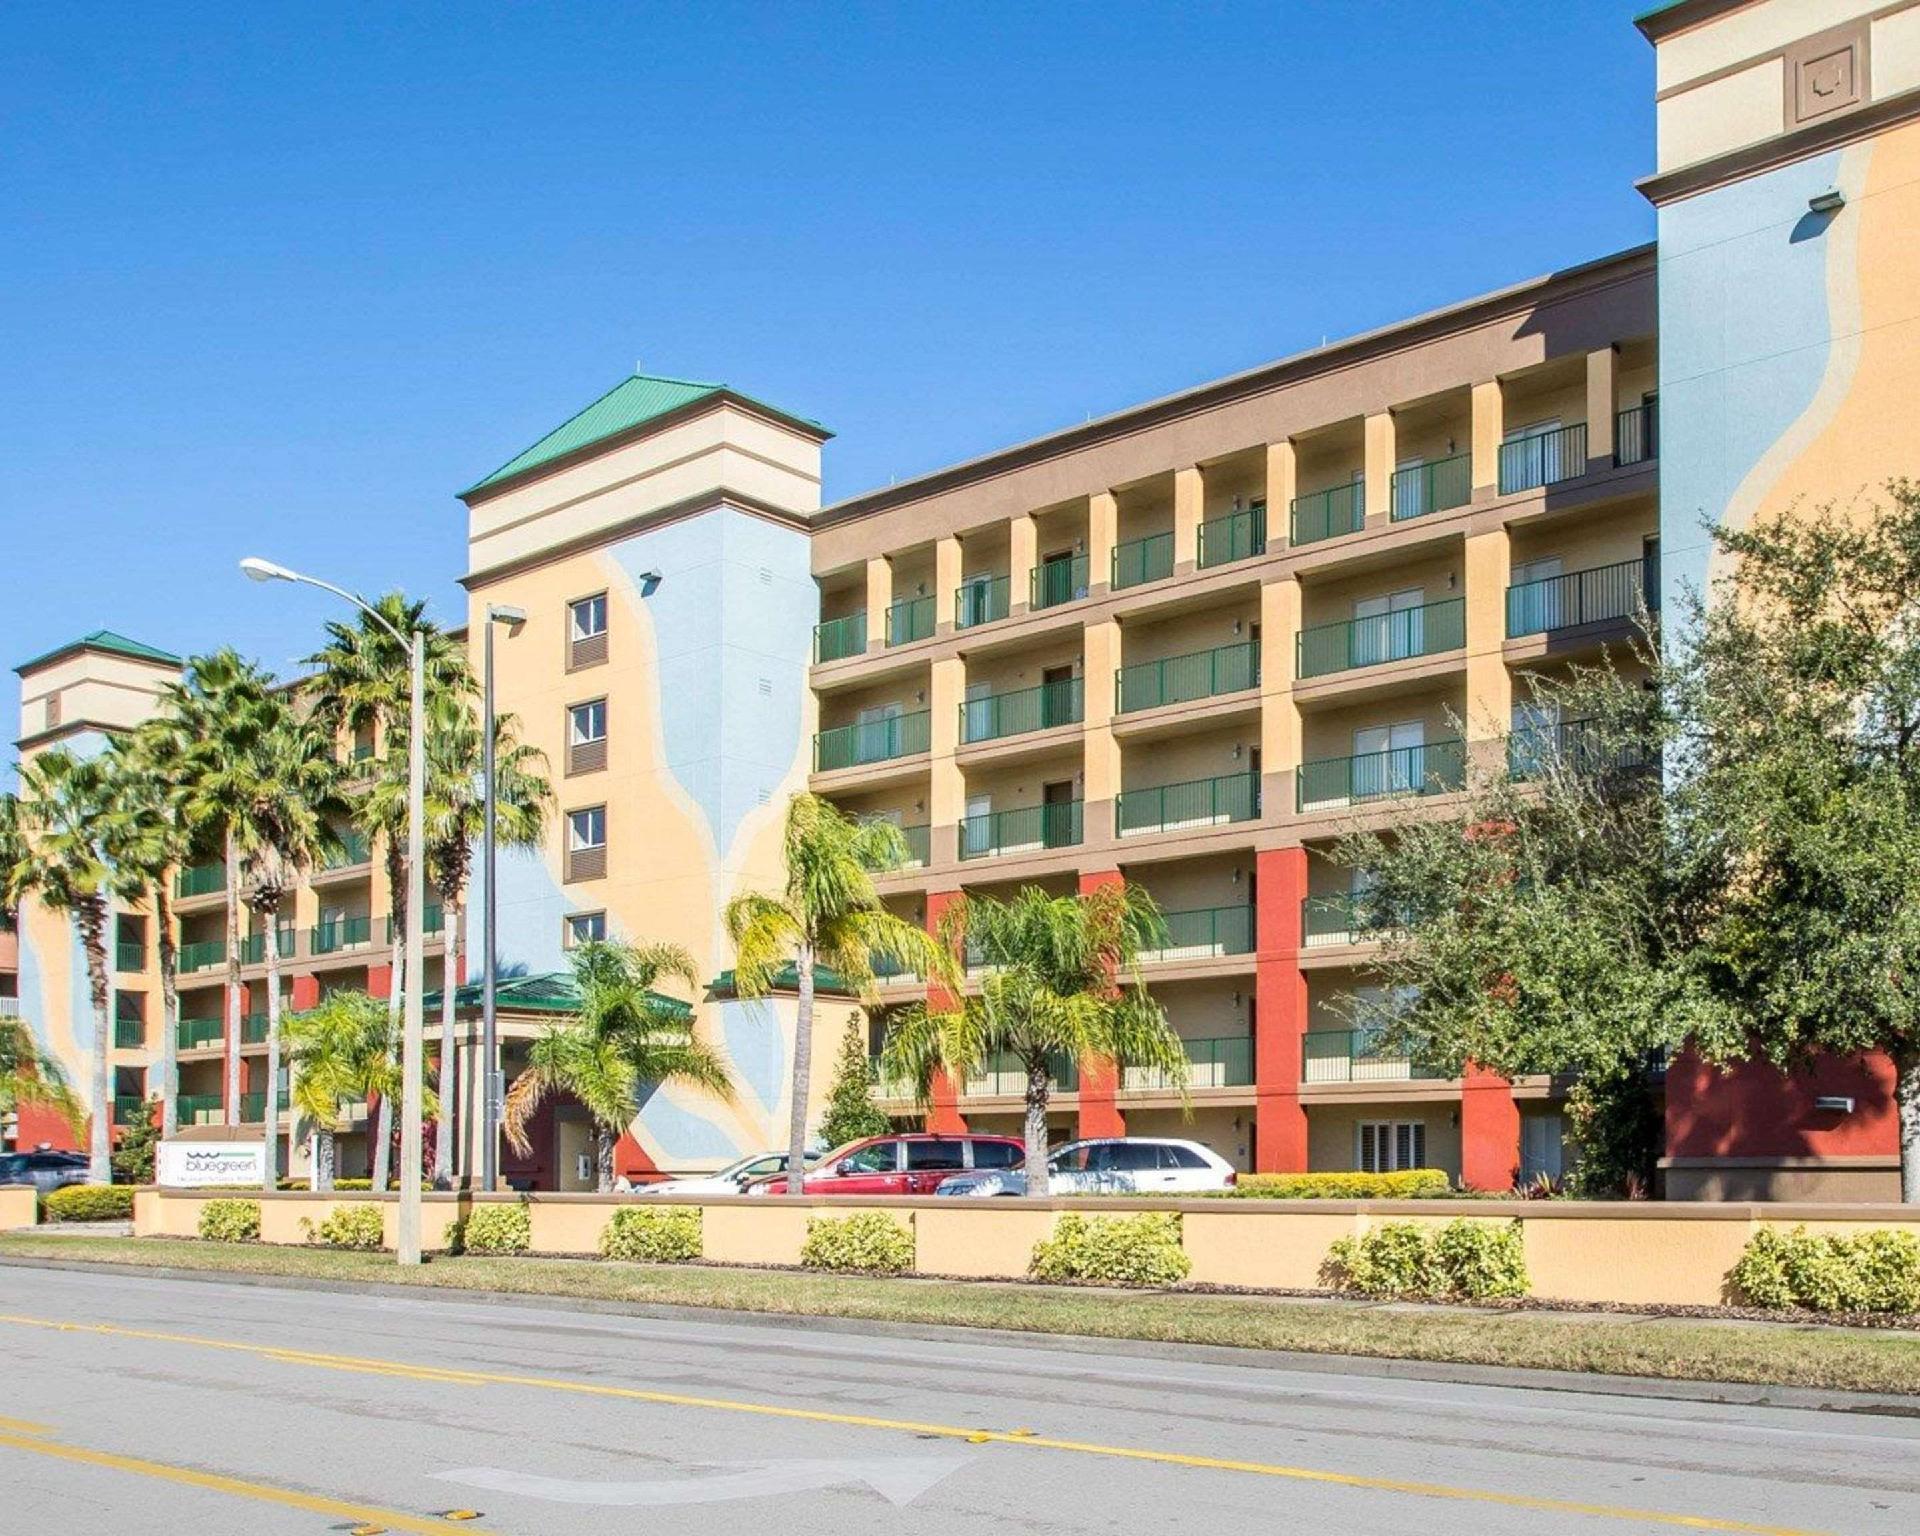 Bluegreen Vacations Orlando Sunshine Orlando Florida S Besplatnoj Otmenoj Ceny I Otzyvy Za 2021 God